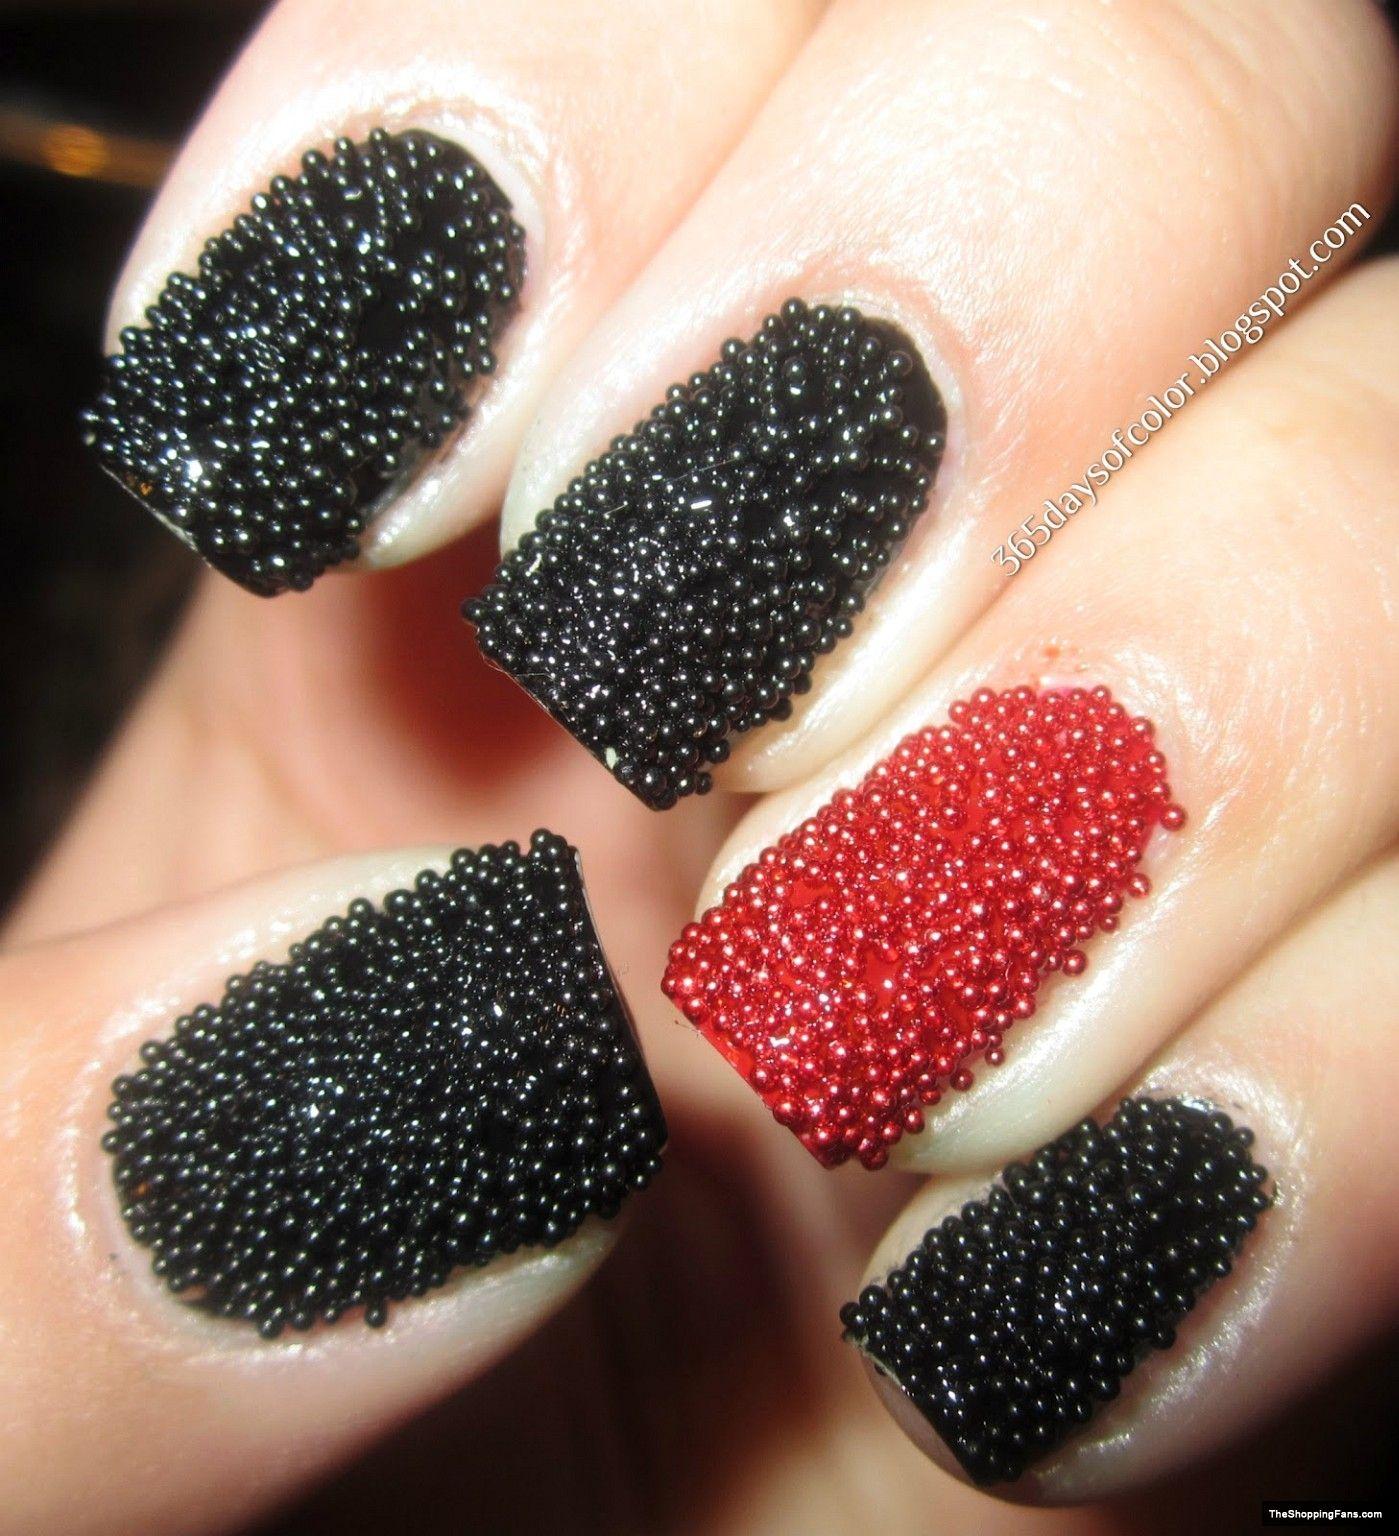 Caviar Nail Art Hair And Make Up Pinterest Caviar Nails And